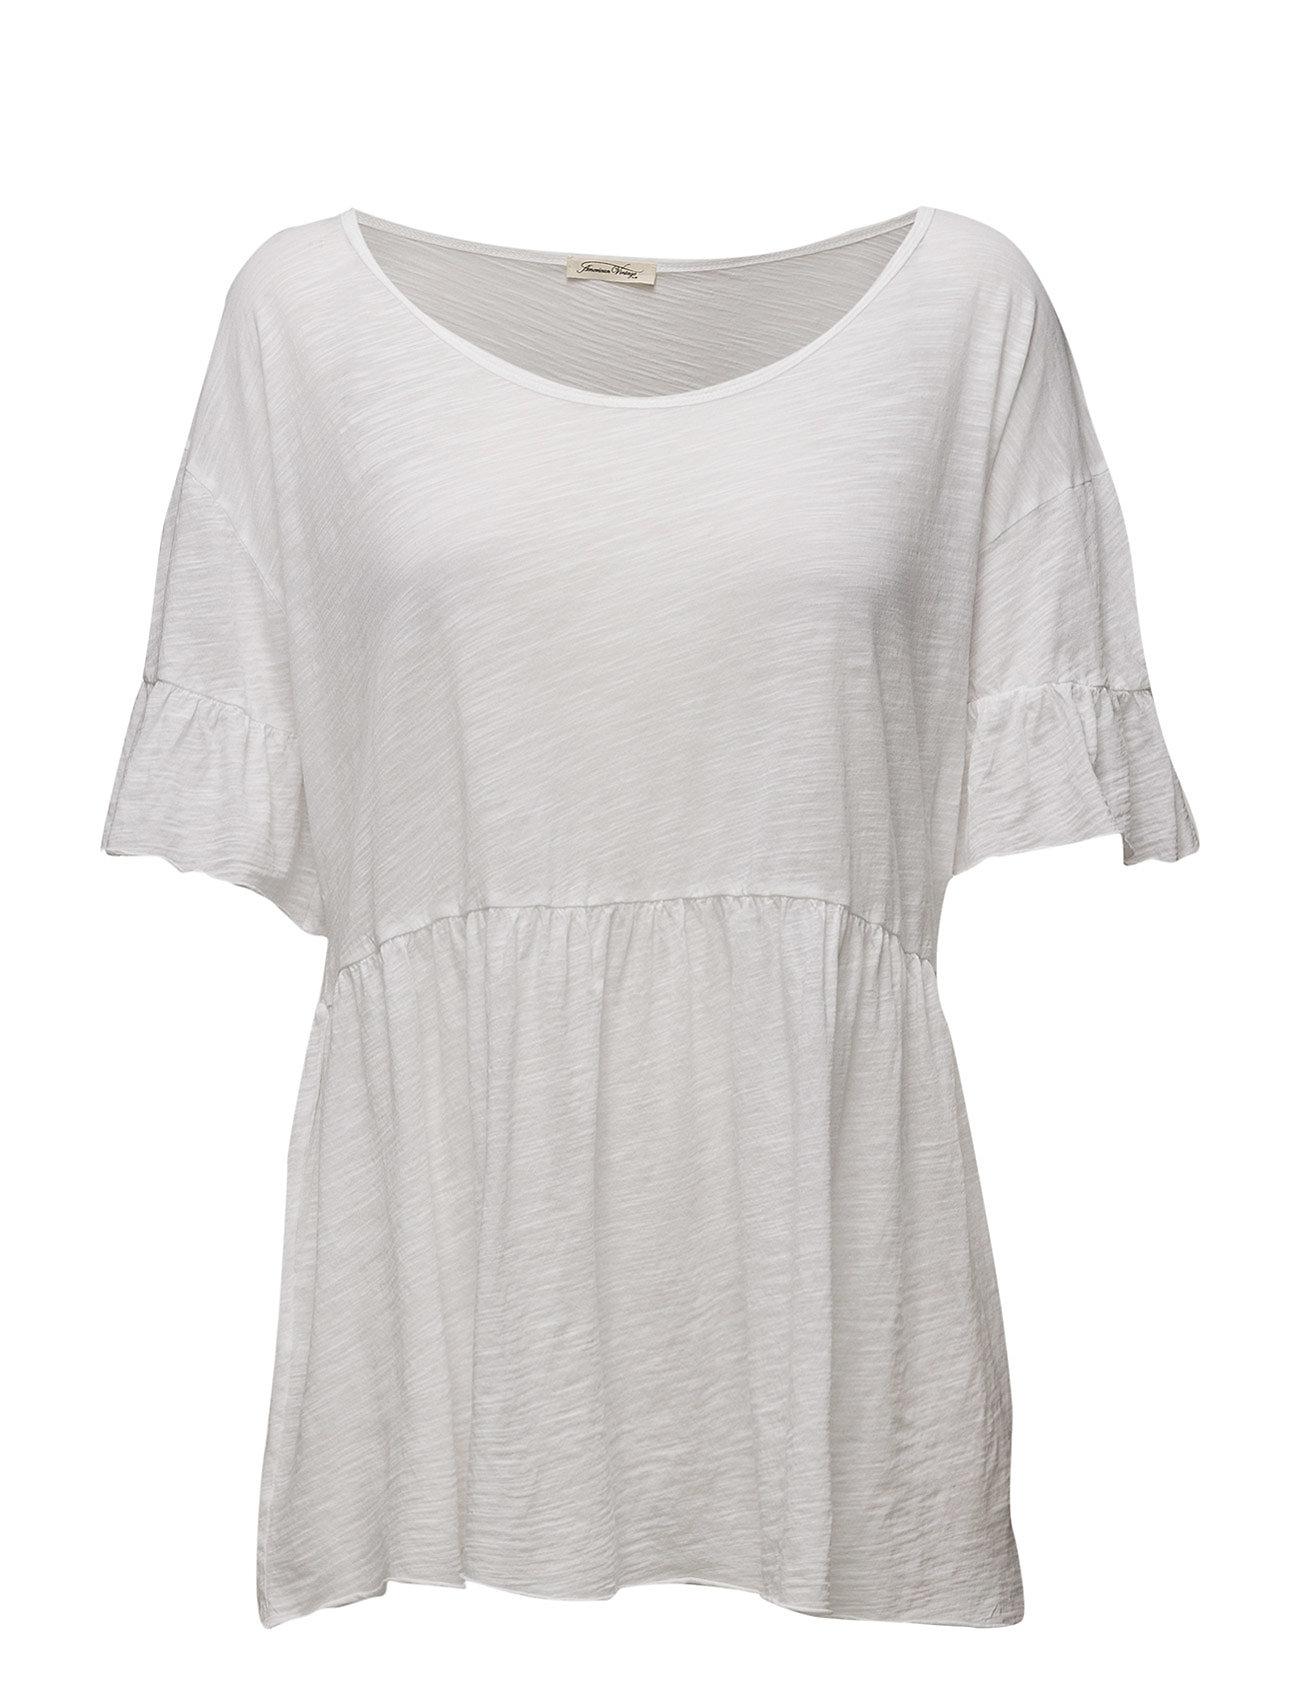 Sunybay American Vintage T-shirts & toppe til Kvinder i